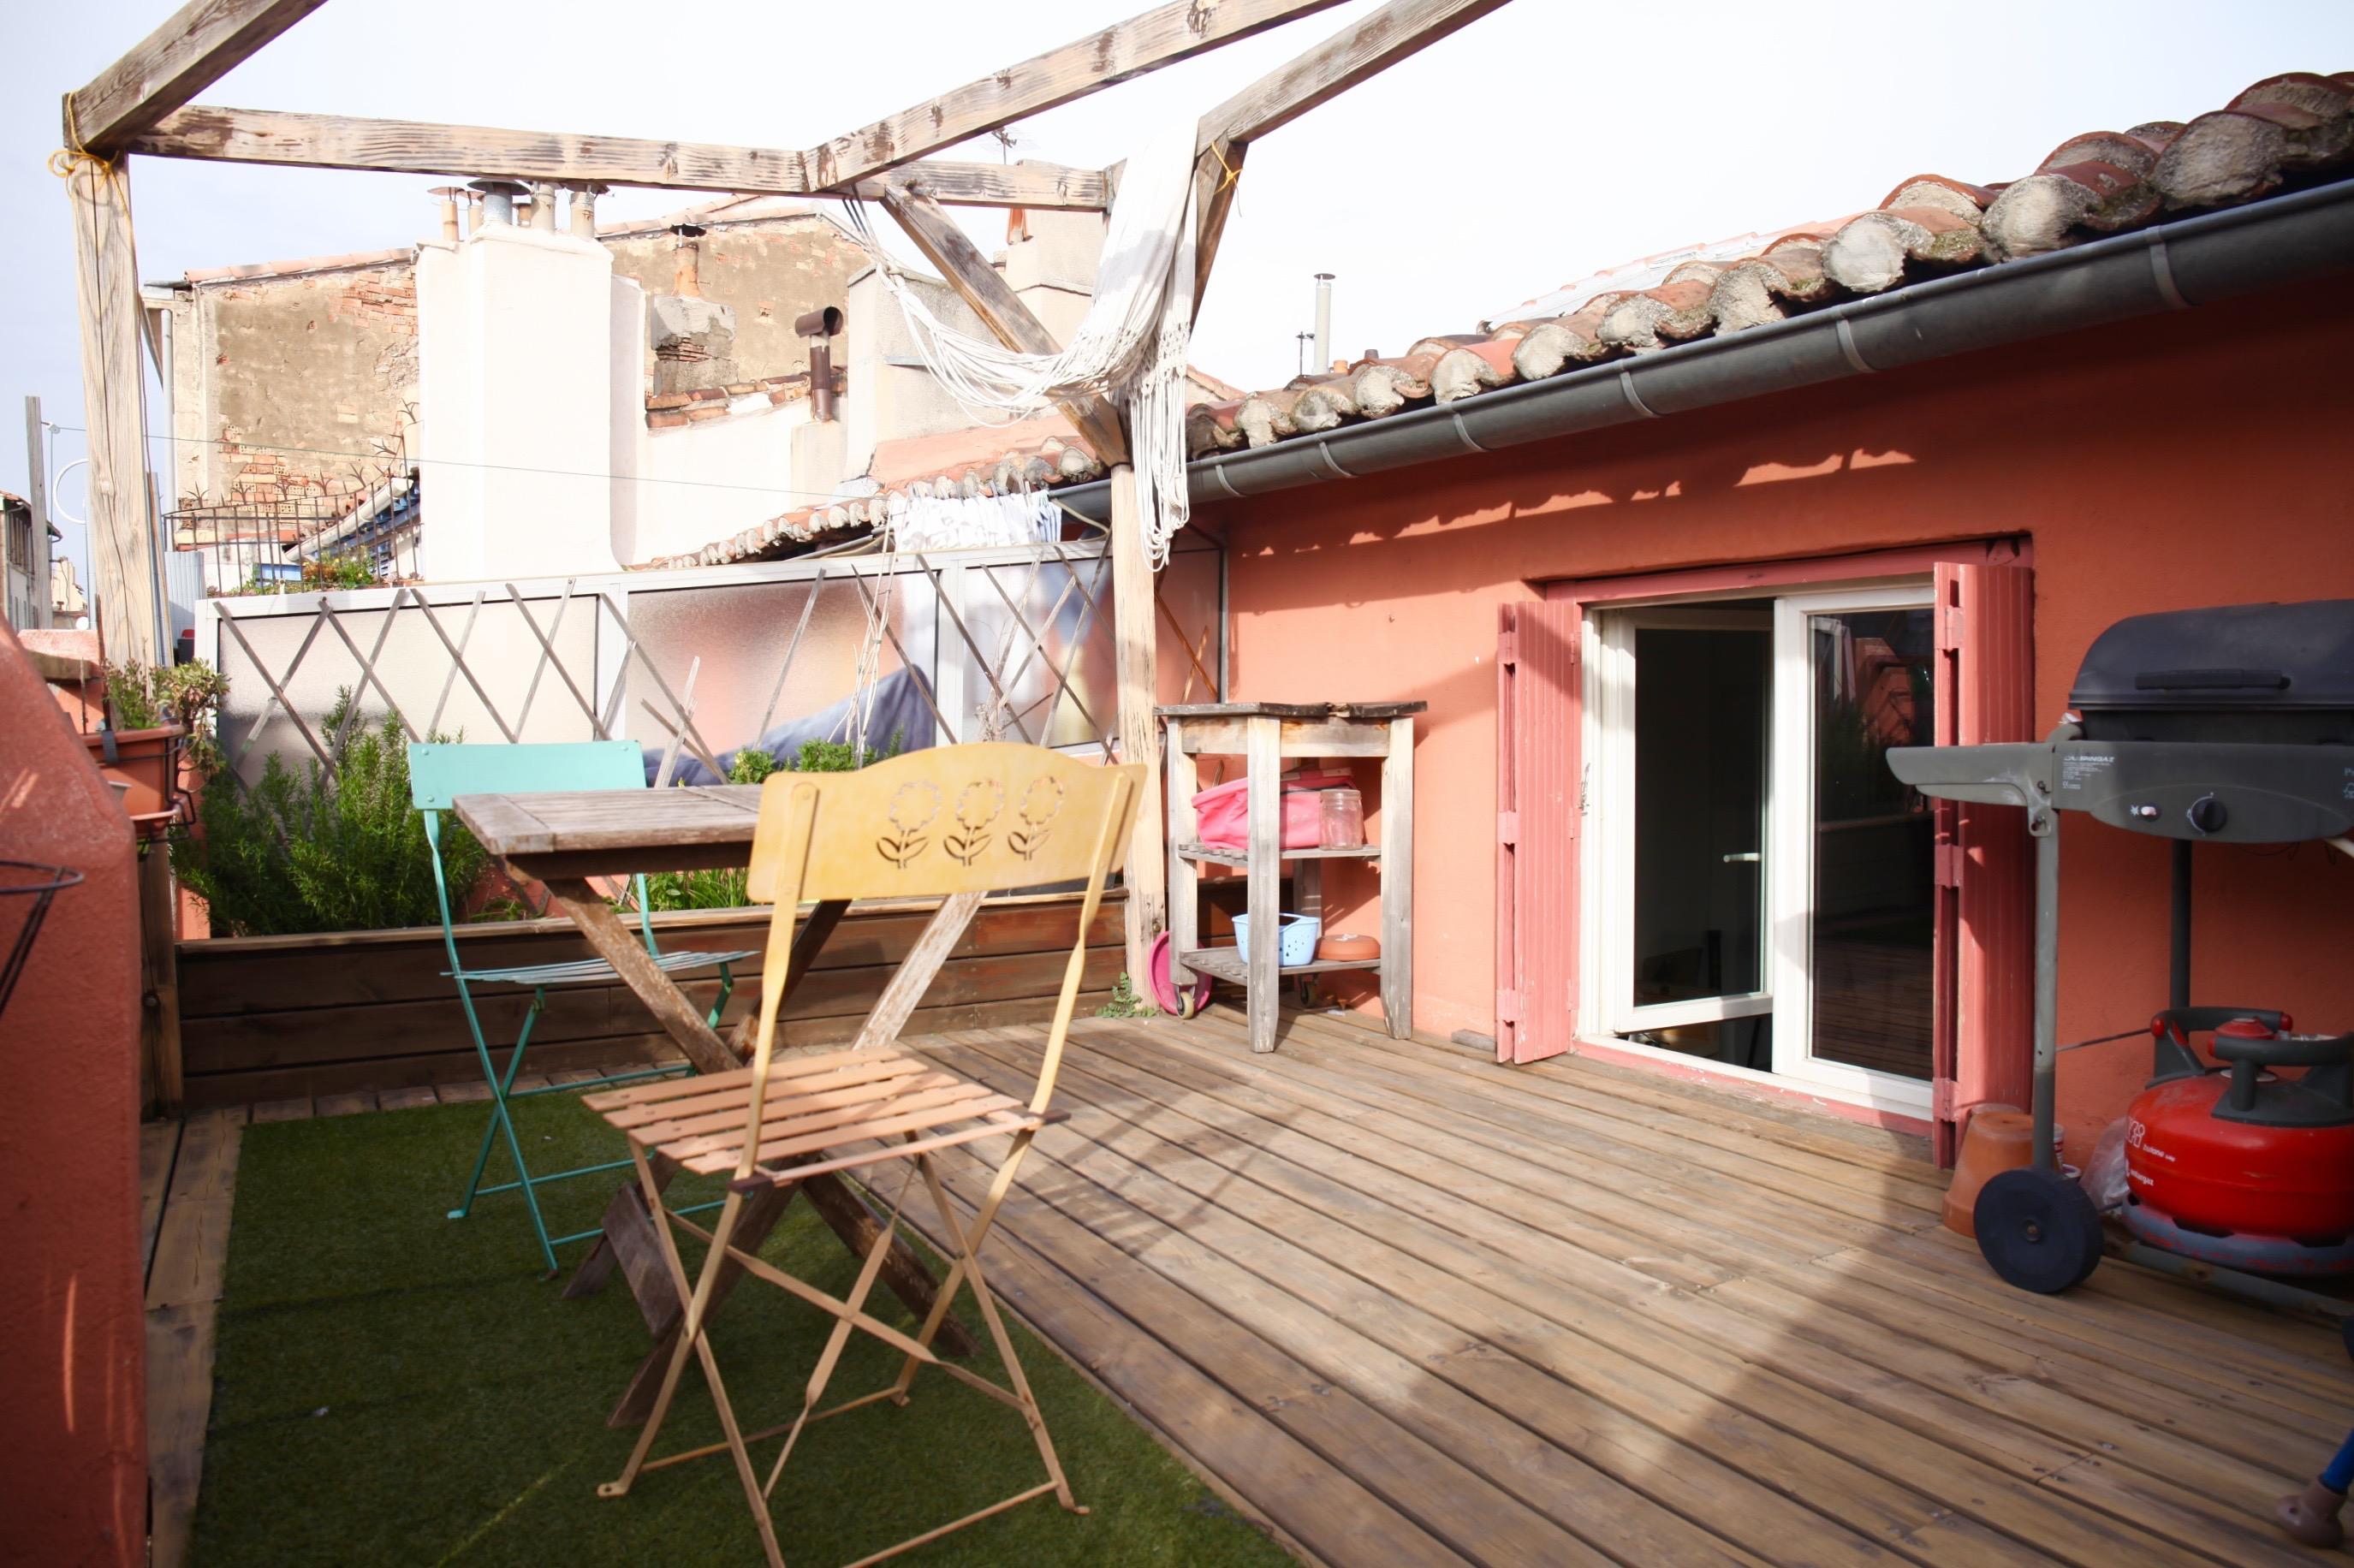 OFFRE AU PRIX - Camas - T2 avec terrasse - 168 000 €